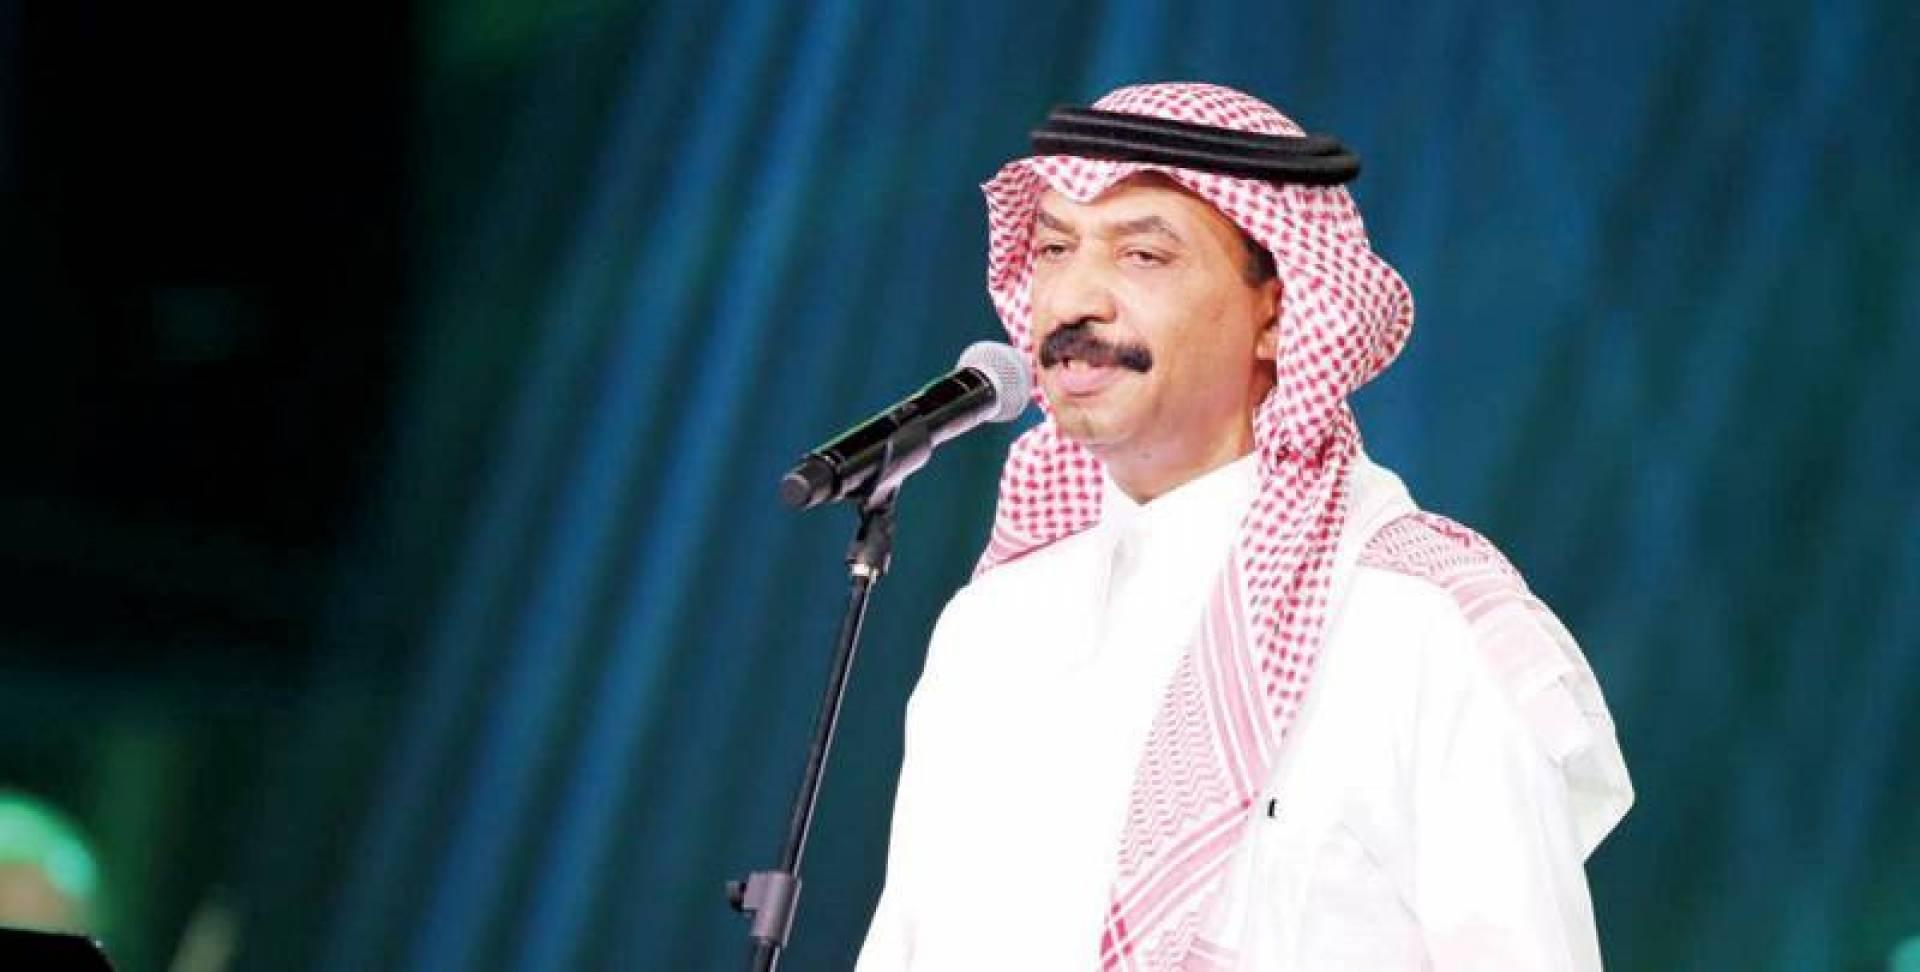 عبادي الجوهر عازف العود السعودي وقصته مع رقصة أودي الخليج لايف Alkhaleej Live